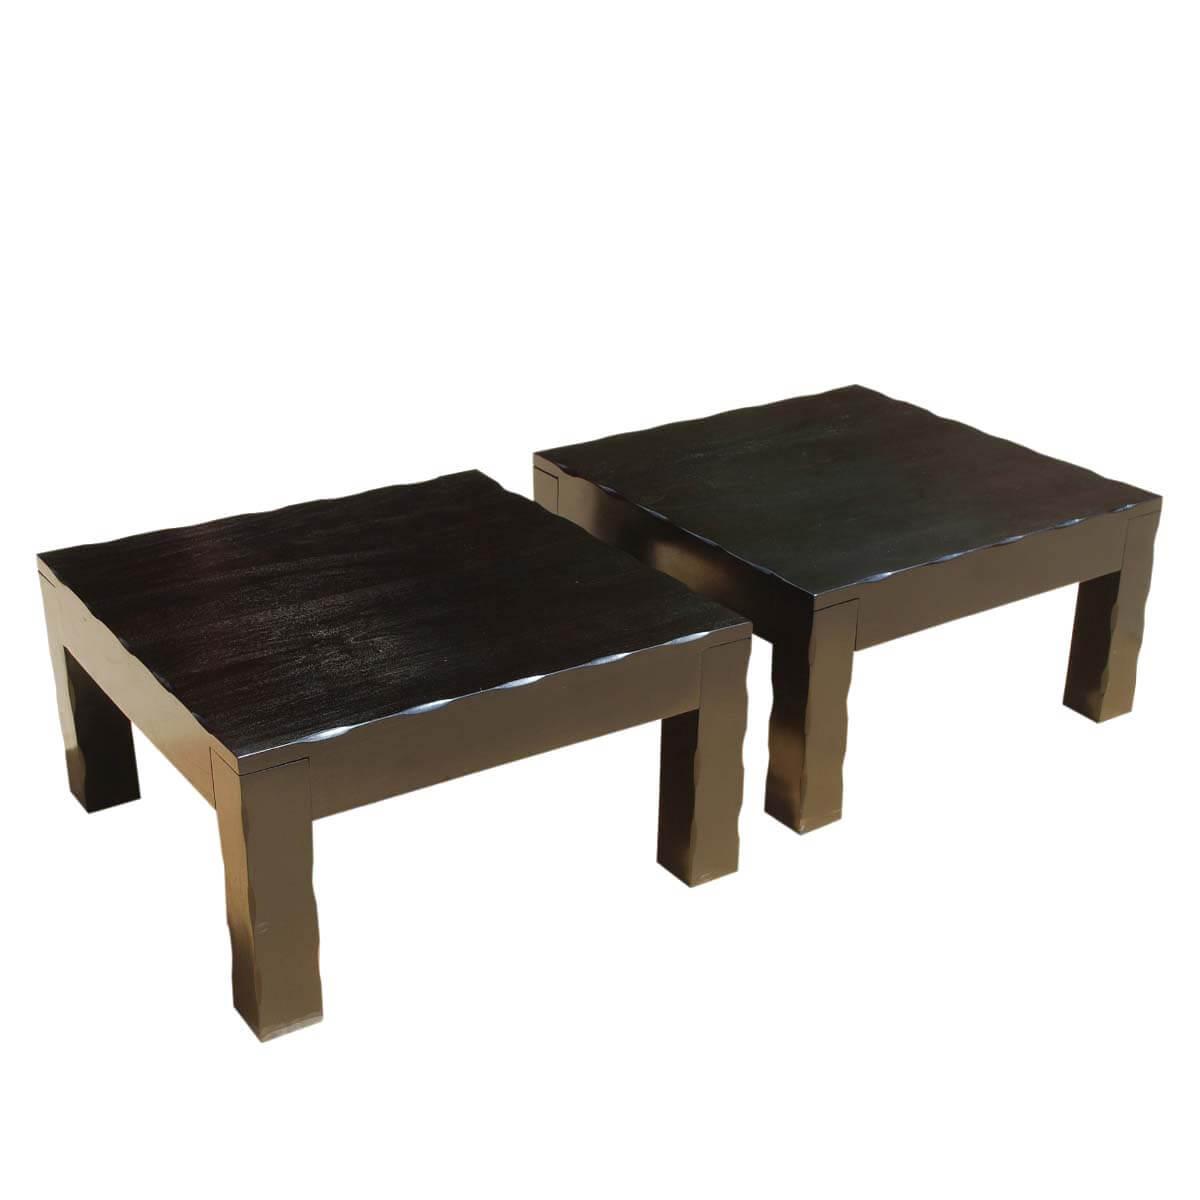 Solid Wood Kansas 16 H Square Bedside End Table (Set of 2)